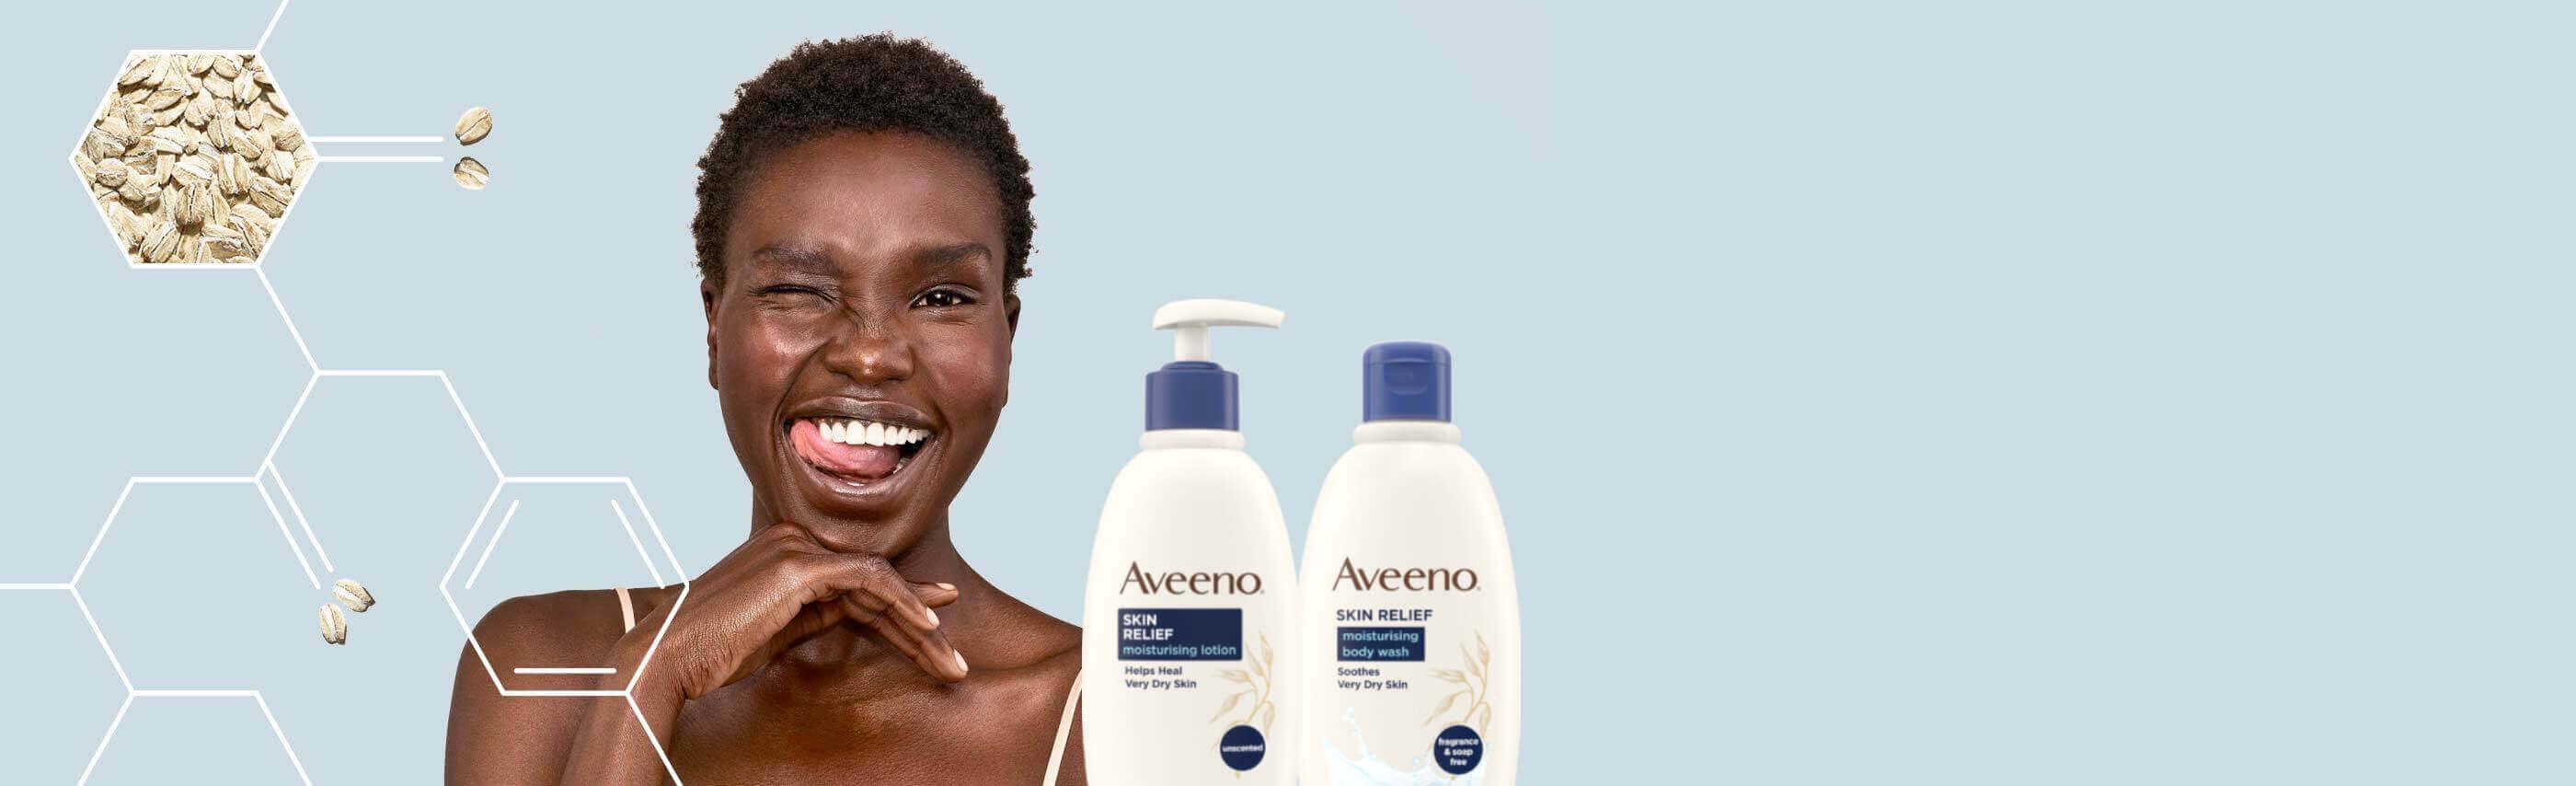 donna felice che prova sollievo alla pelle grazie ai prodotti aveeno